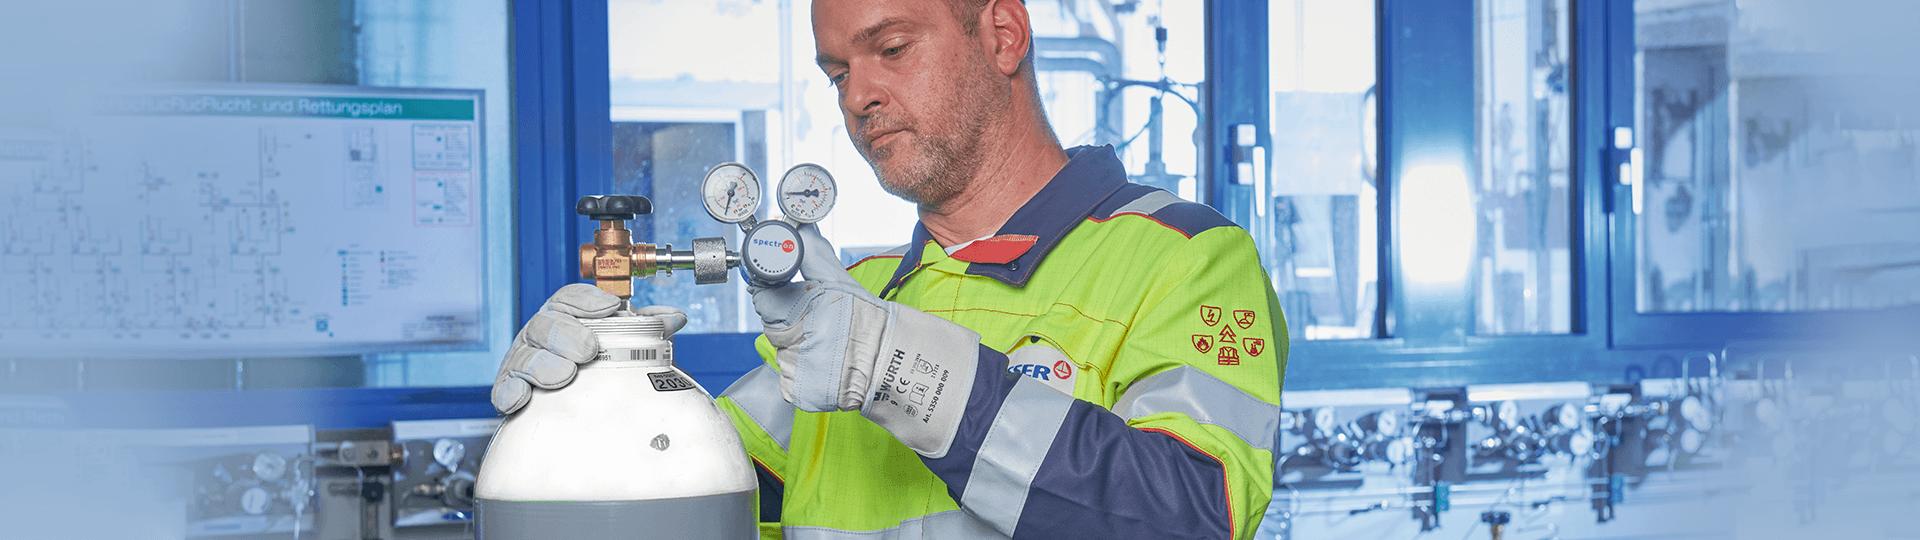 Tips para verificar un cilindro seguro de Oxígeno Medicinal